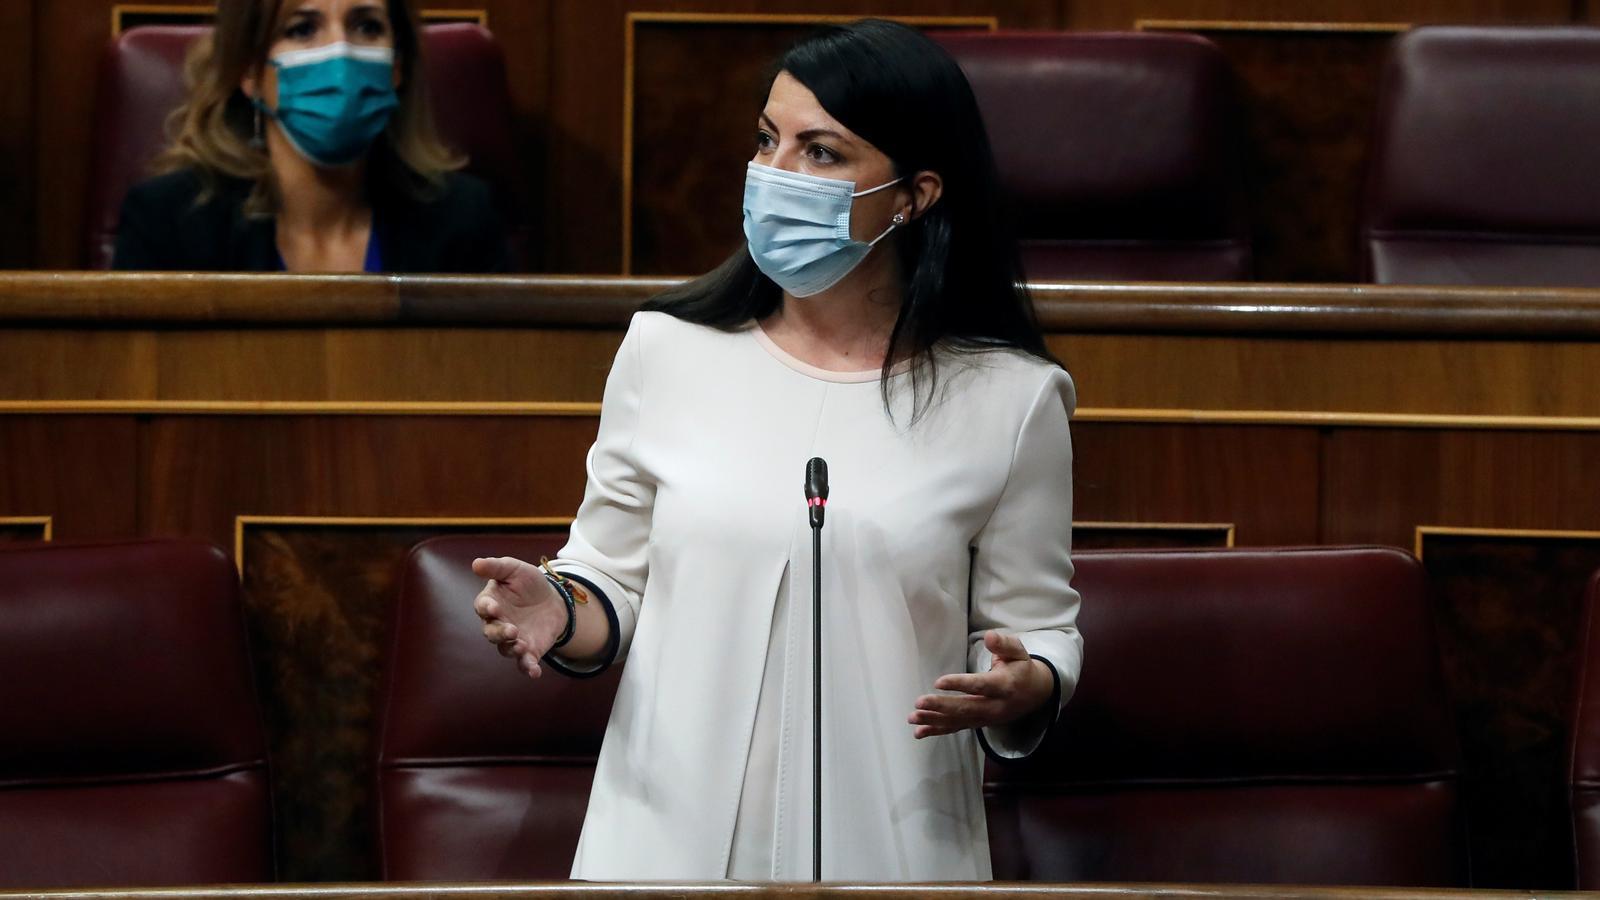 La portaveu adjunta de Vox al Congrés, Macarena Olona, ha replicat al diputat socialista Odón Elorza, que ha vinculat el xat amb Santiago Abascal.